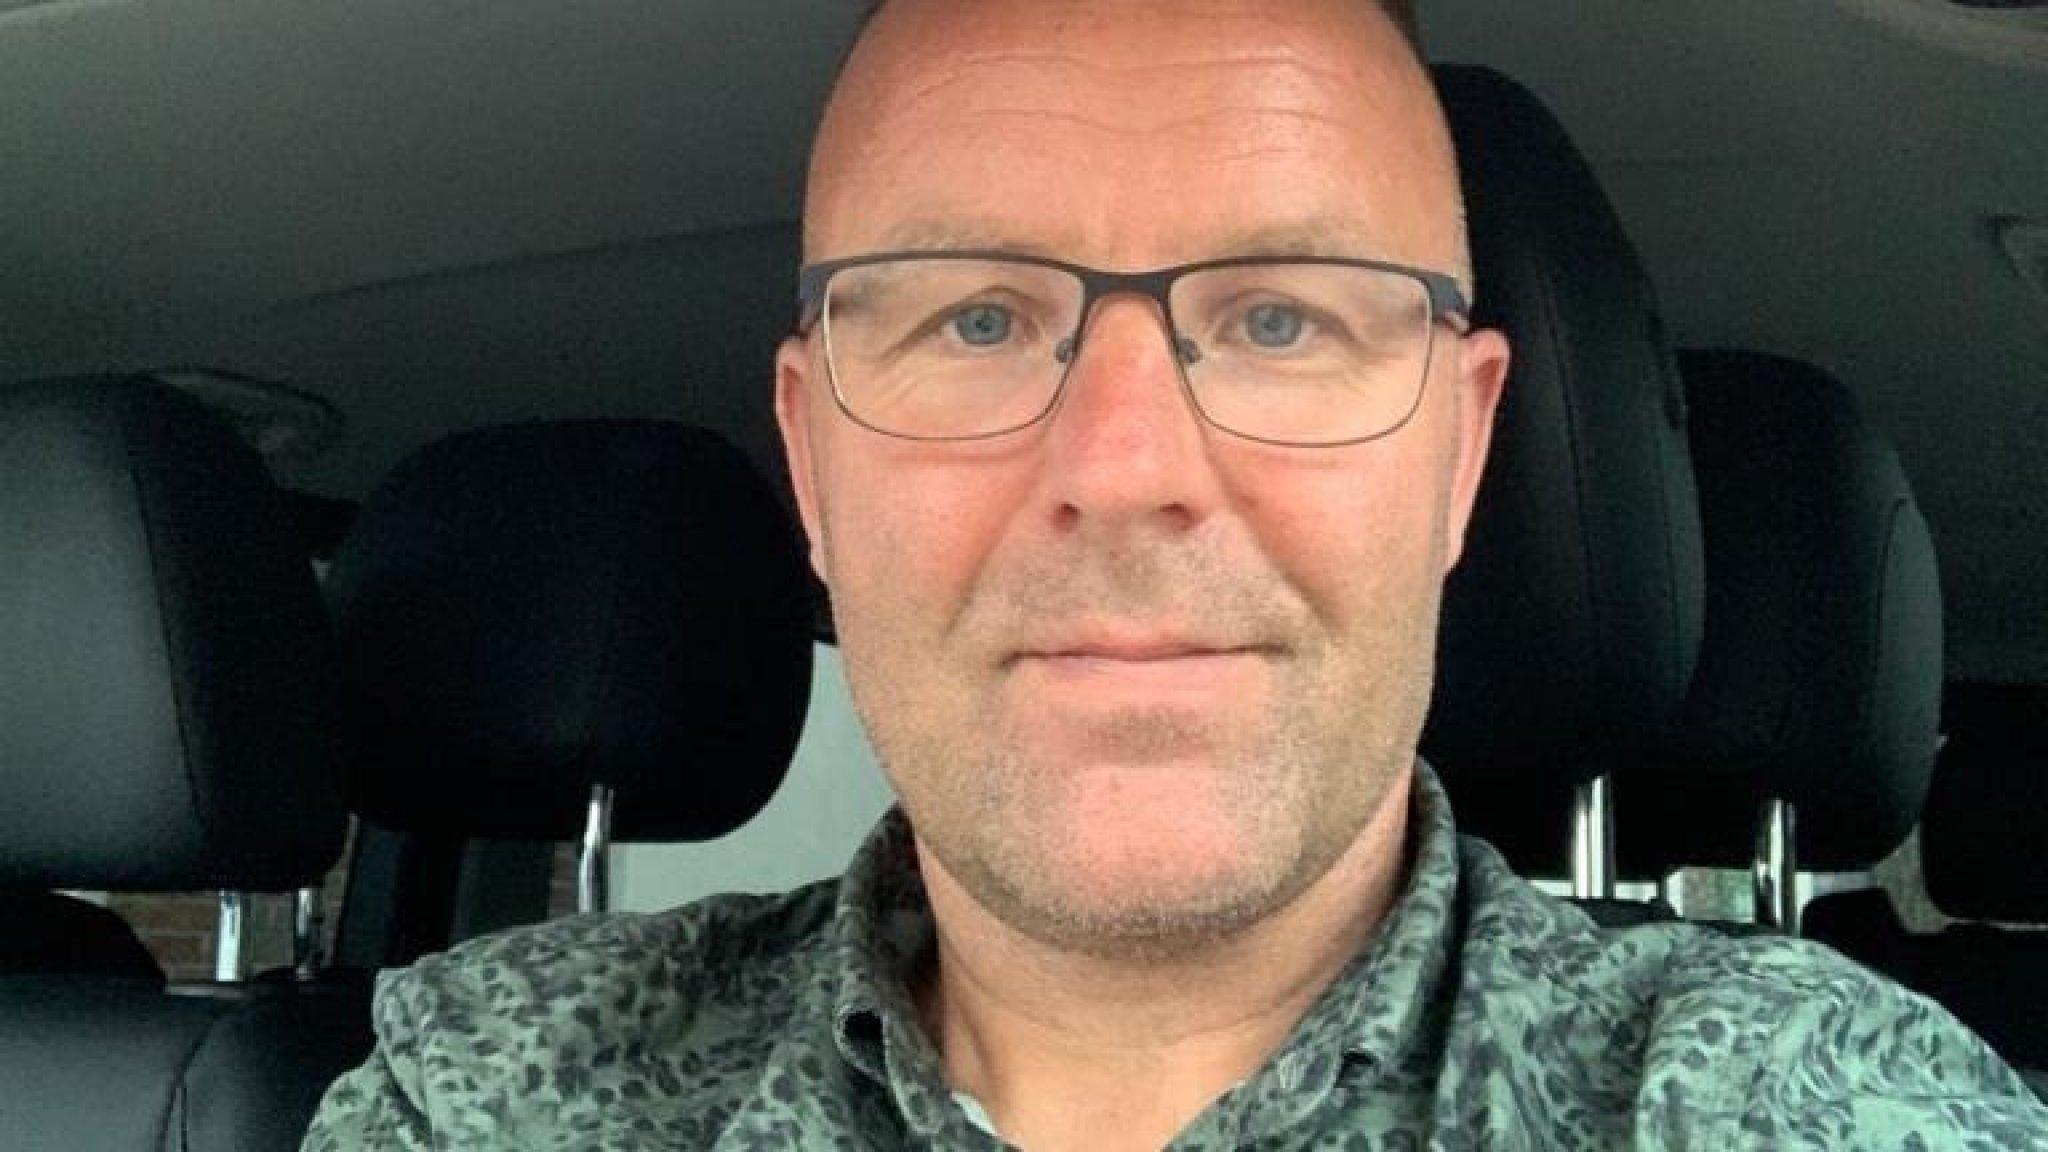 Taxichauffeurs de dupe van subsidieregels: 'Ben in loondienst gegaan' - RTL Nieuws